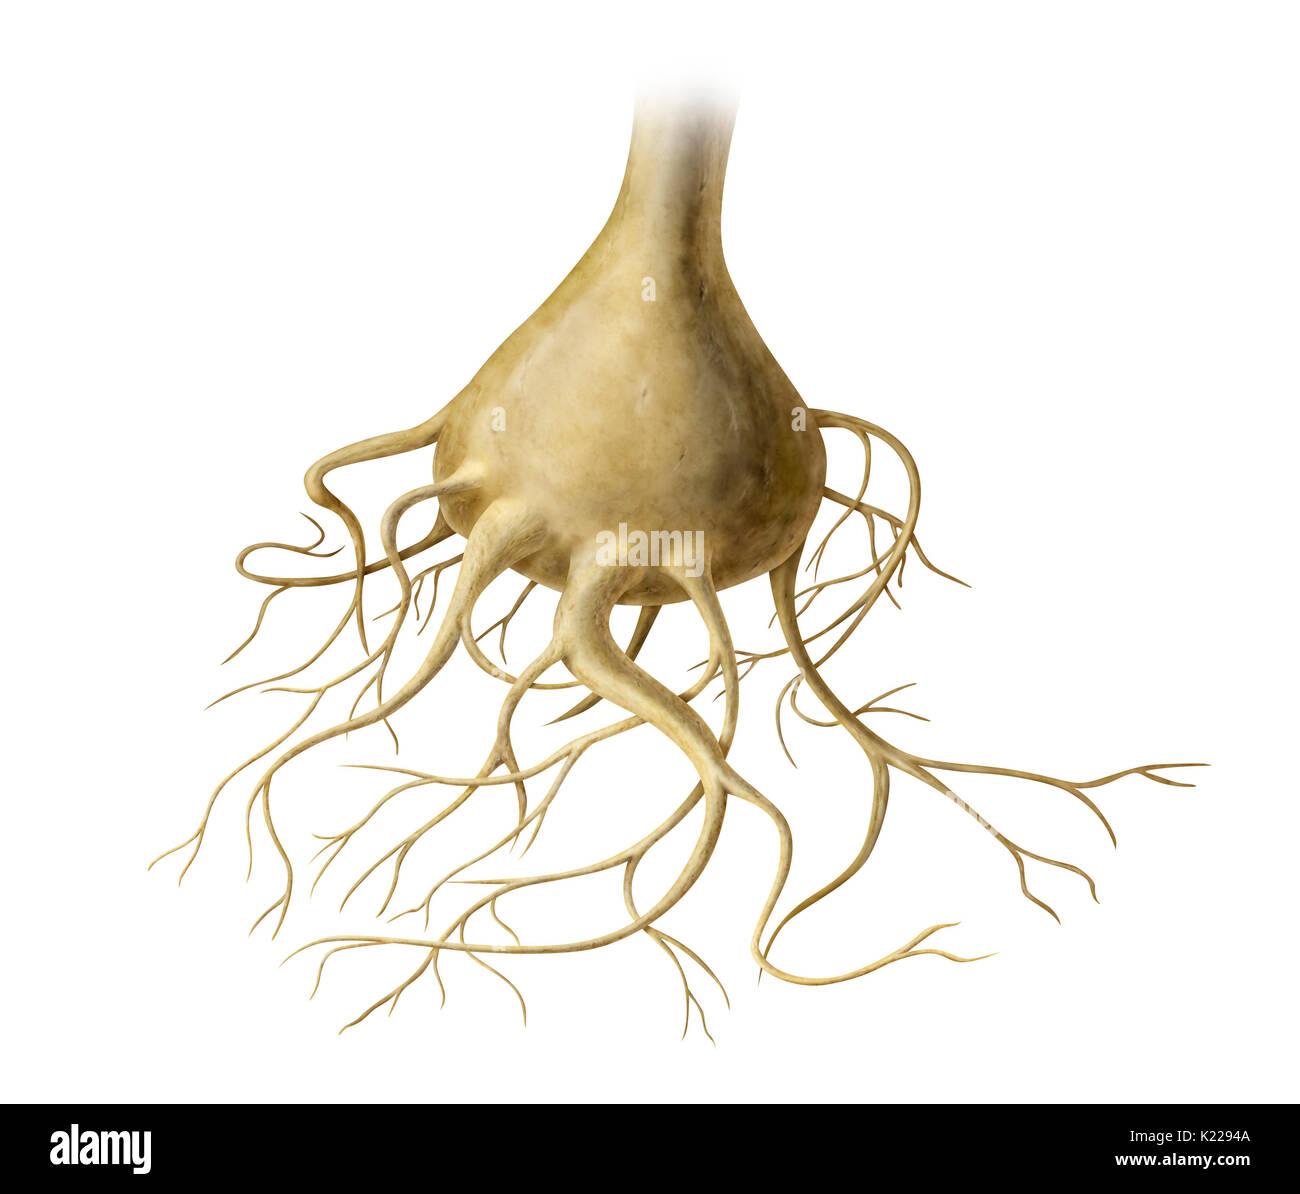 Cada una de las neuronas sensoriales que constituyen los receptores olfativos; sus axones se juntan para formar los nervios olfatorios. Imagen De Stock